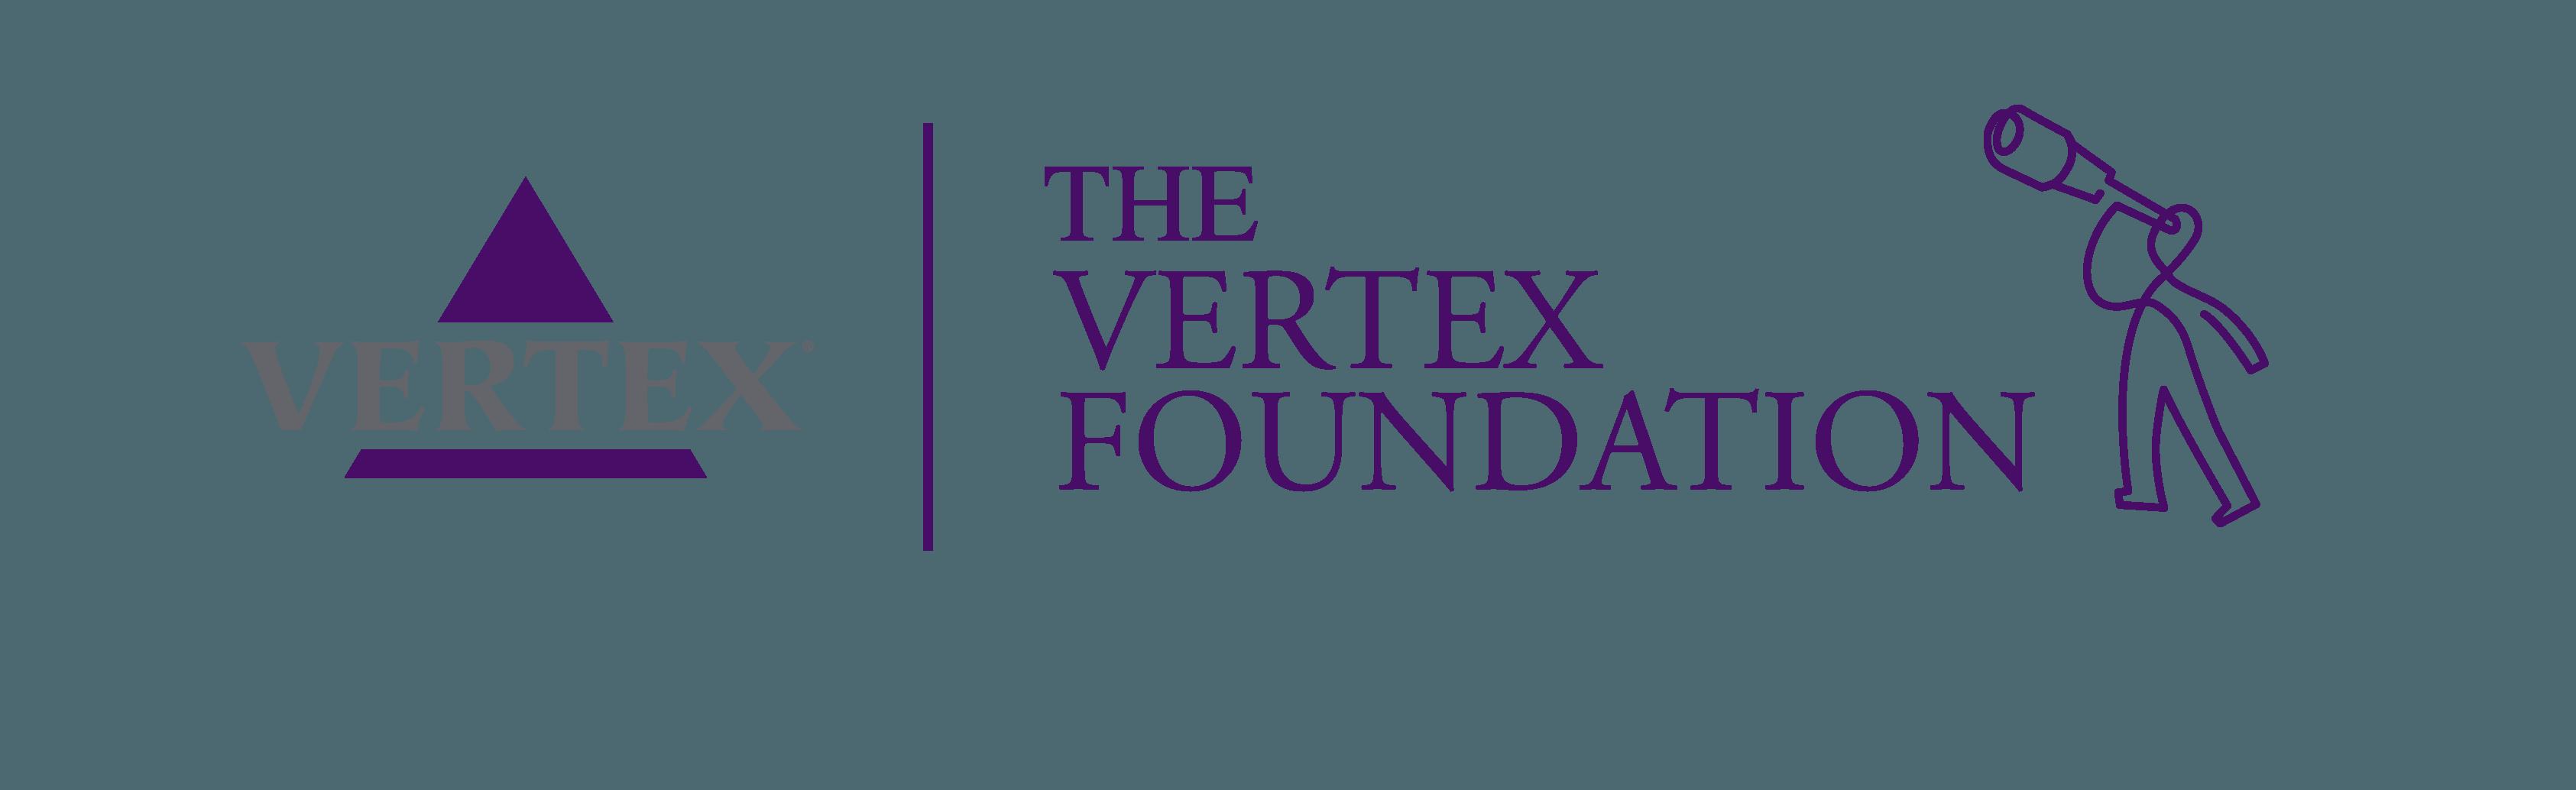 The Vertex Foundation logo